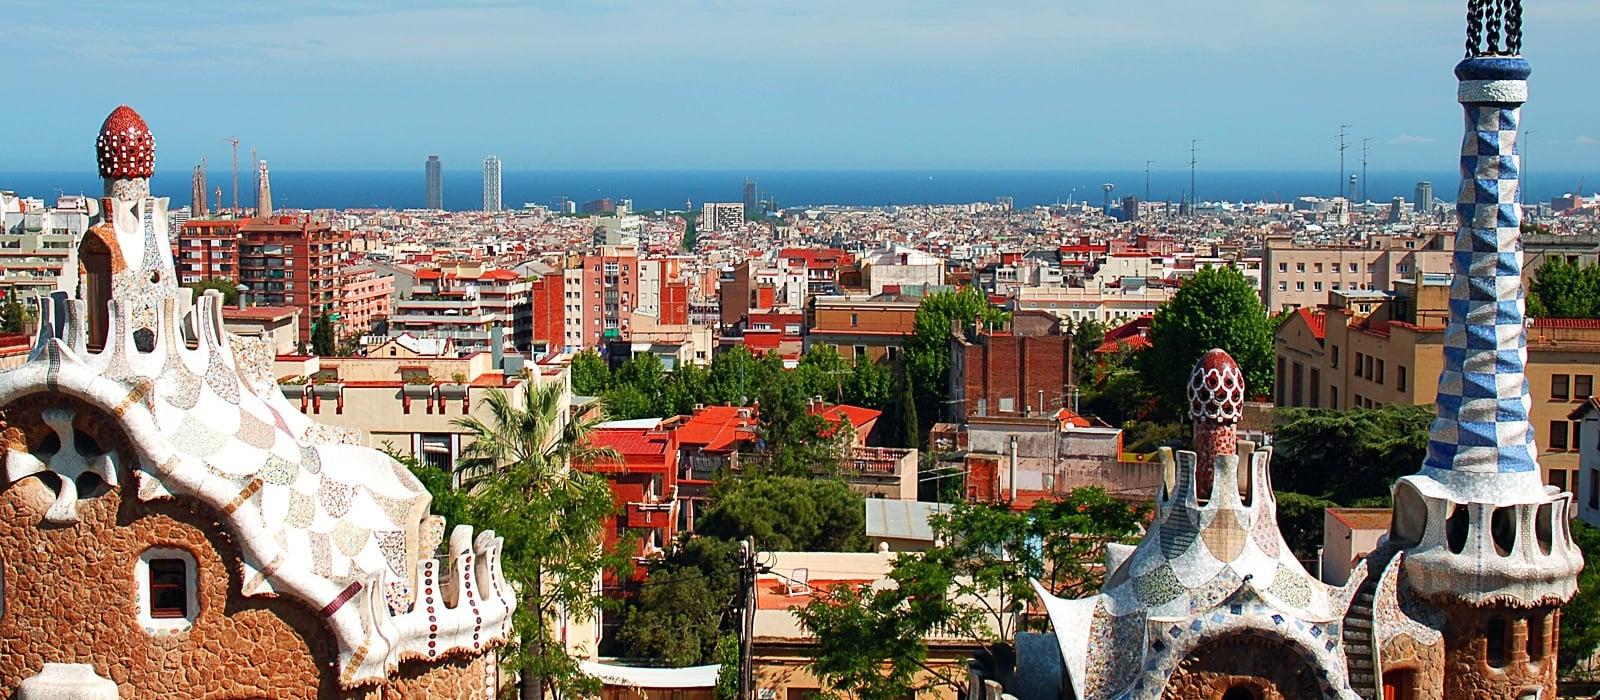 Hoteles Vincci. Die schönsten Hotels in Barcelona